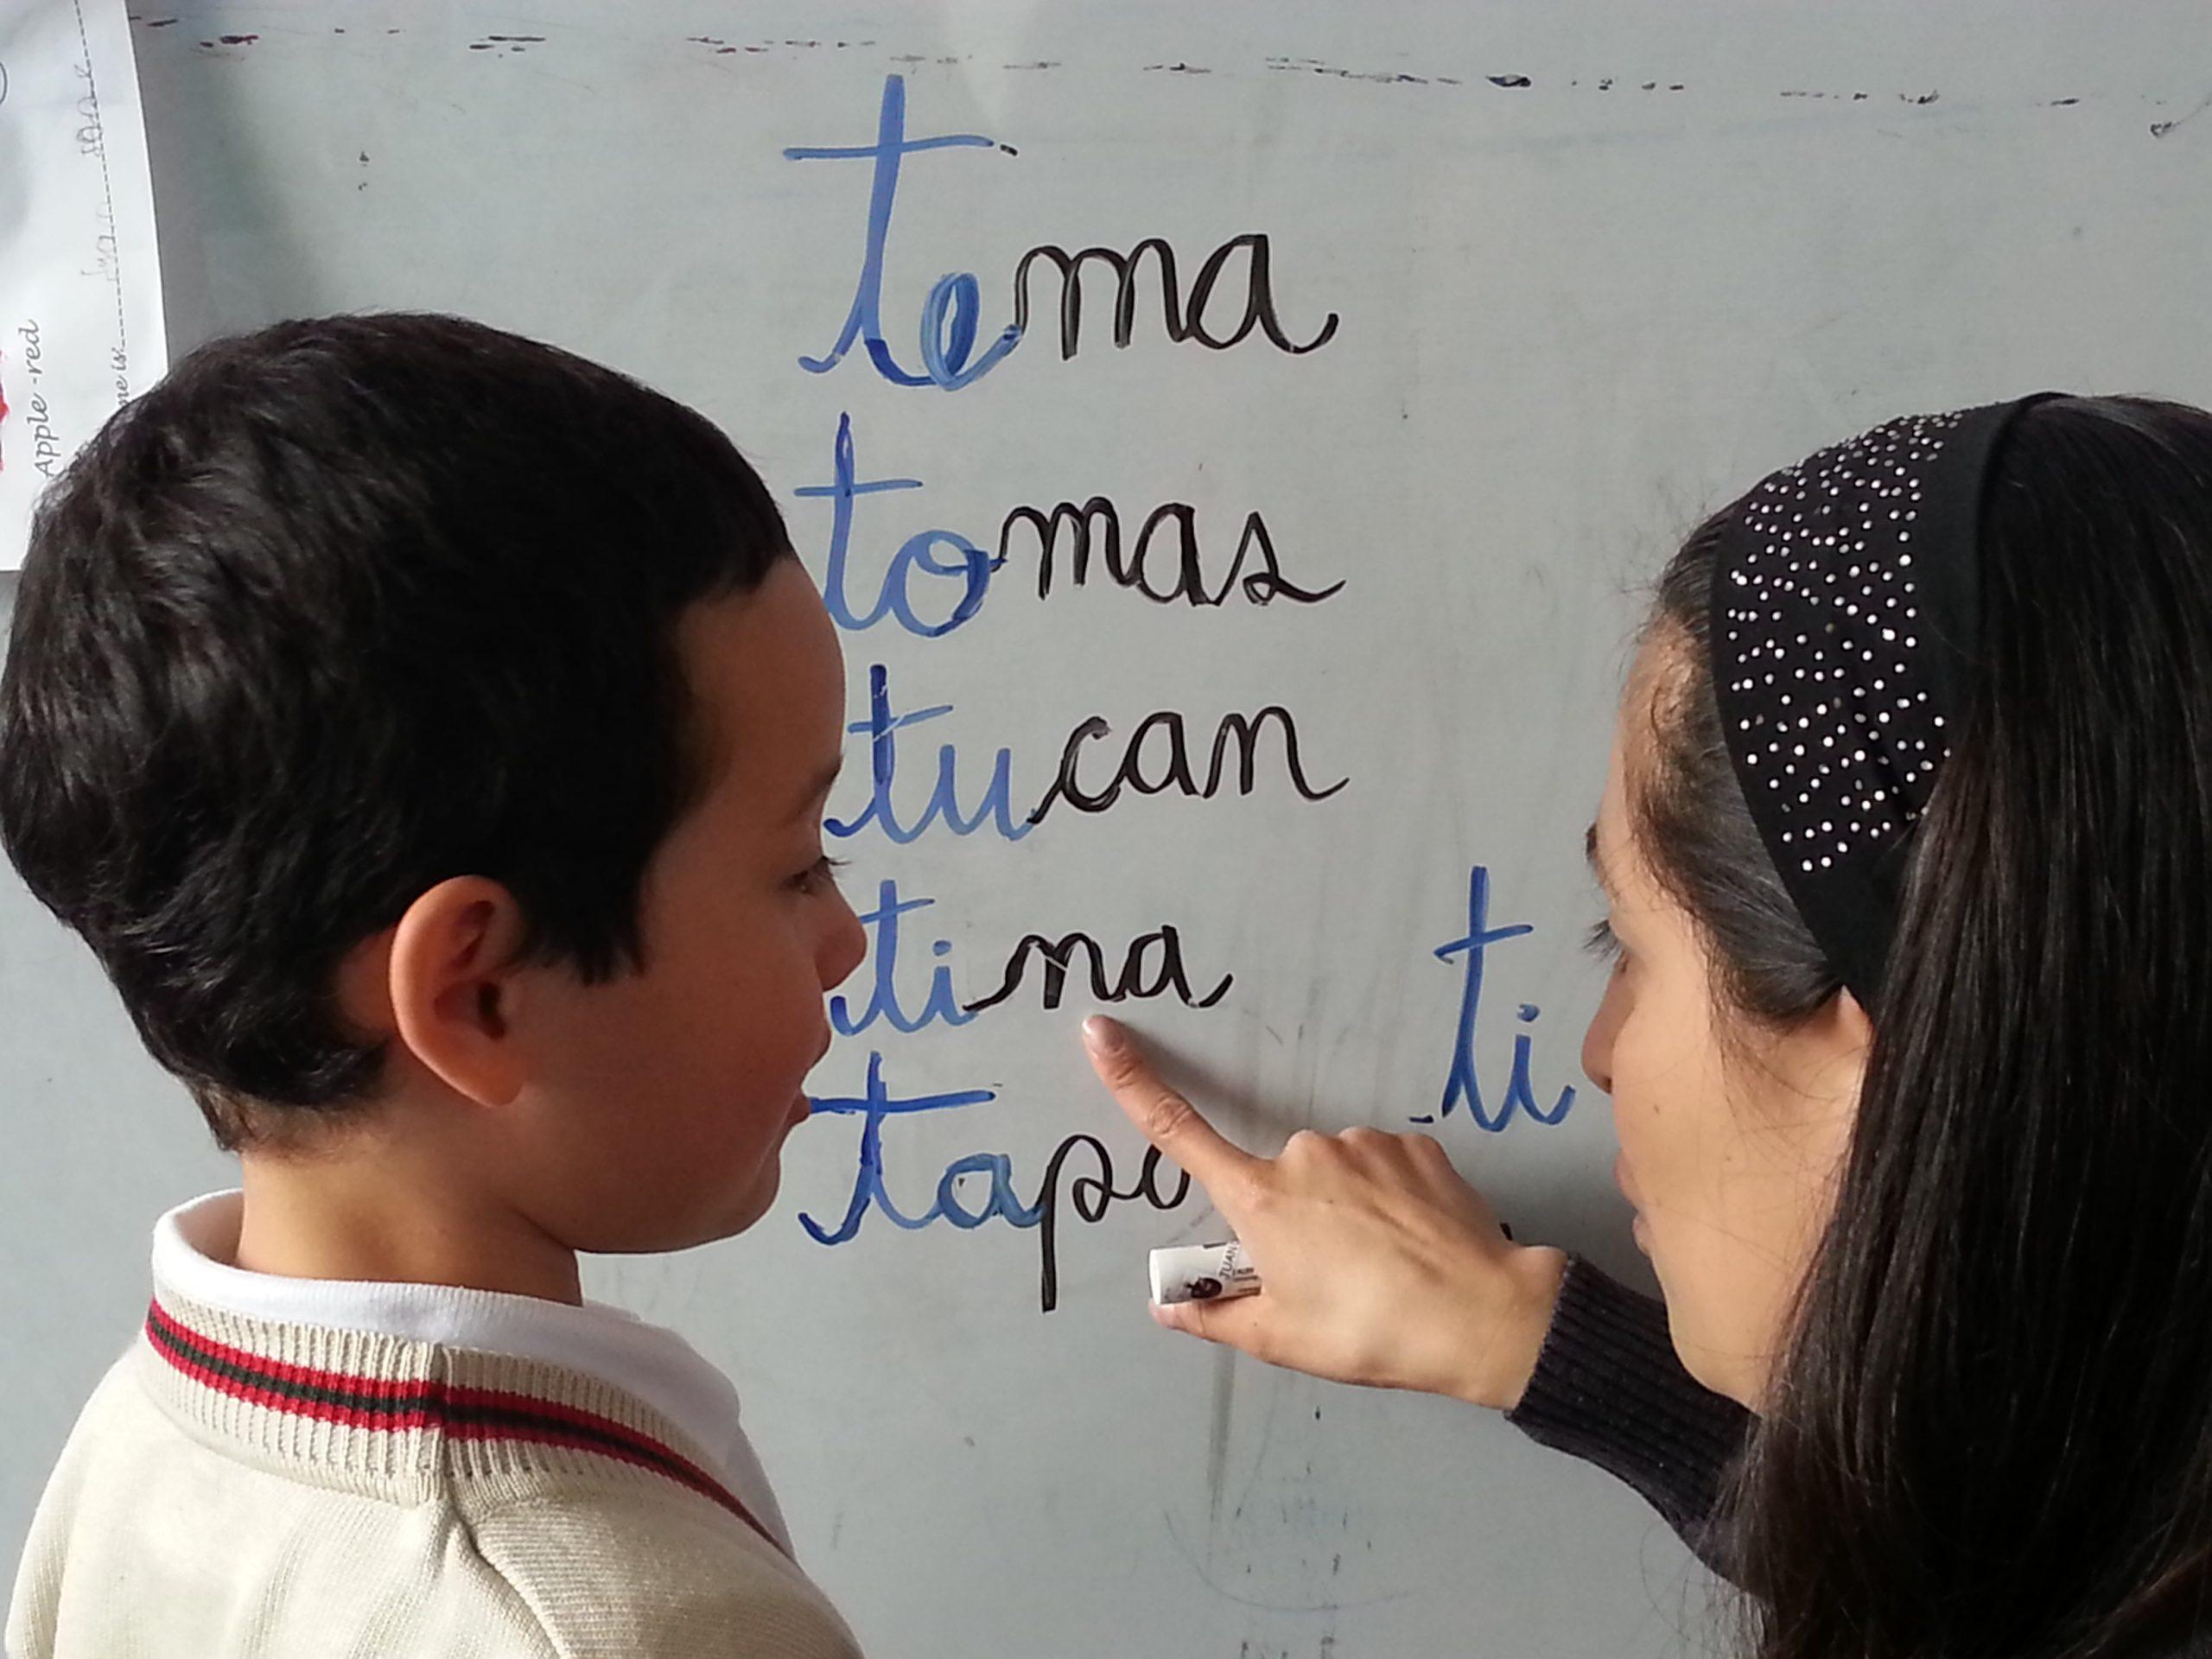 pedagojia-nuestro-enfoque-entendiendo-las-palabras-q-nos-rodean